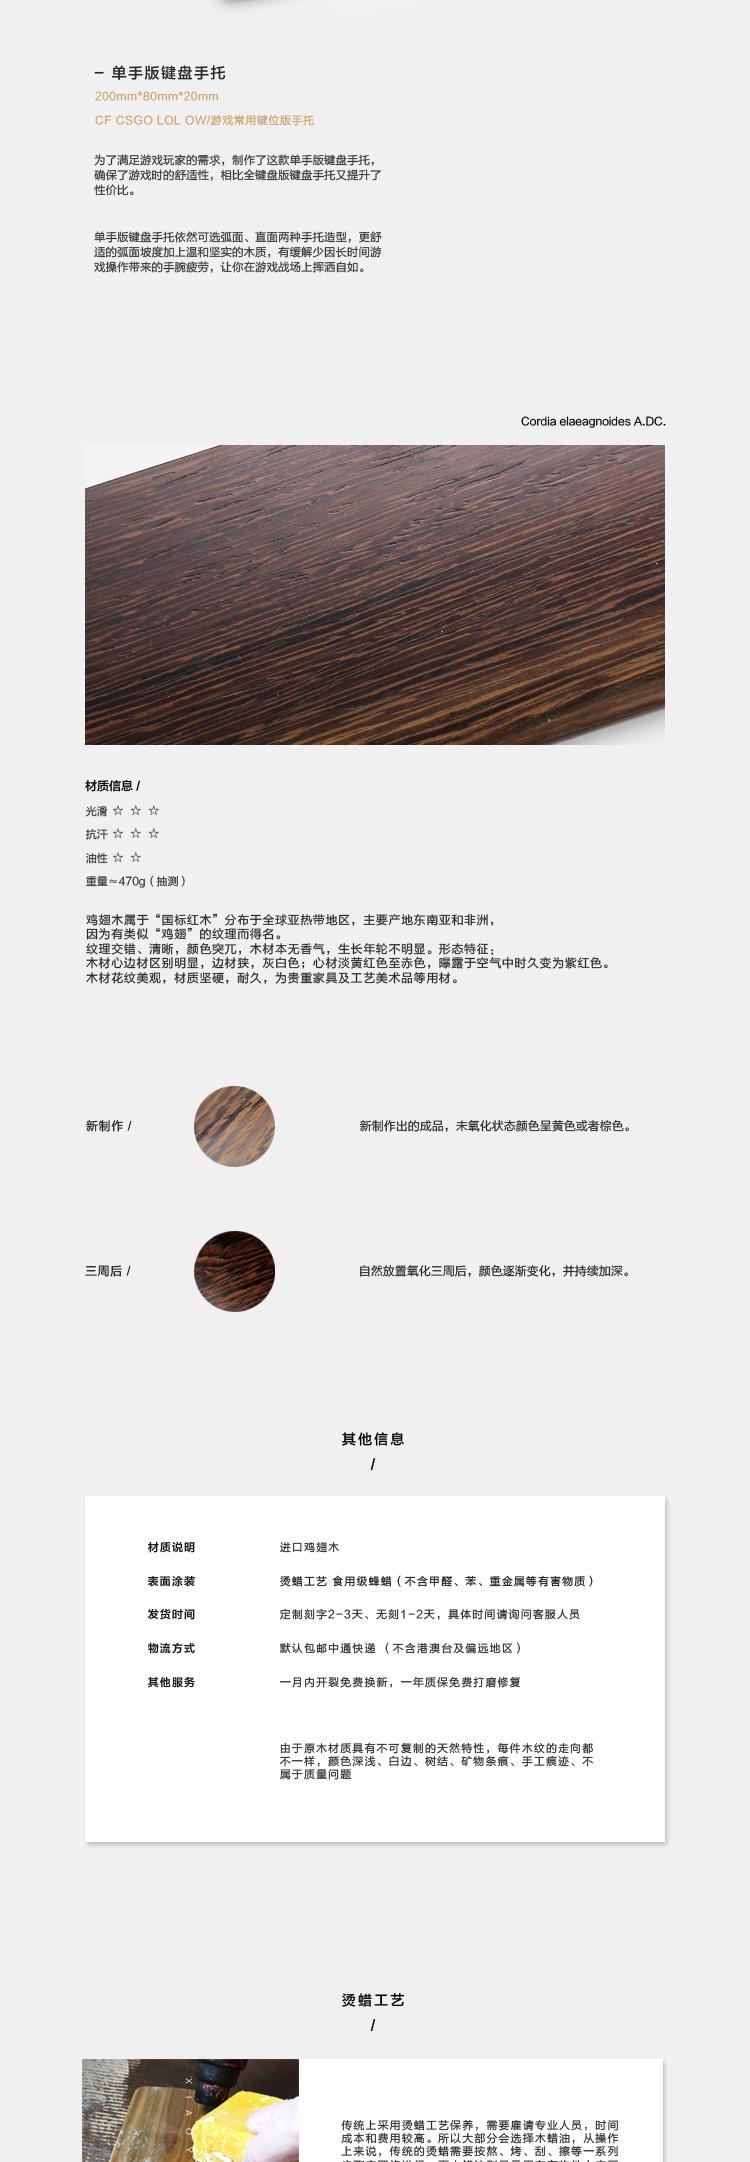 晓艺红木坊键盘手托 [晓艺红木坊] 鸡翅木机械键盘实木手托腕托腕垫通用掌托